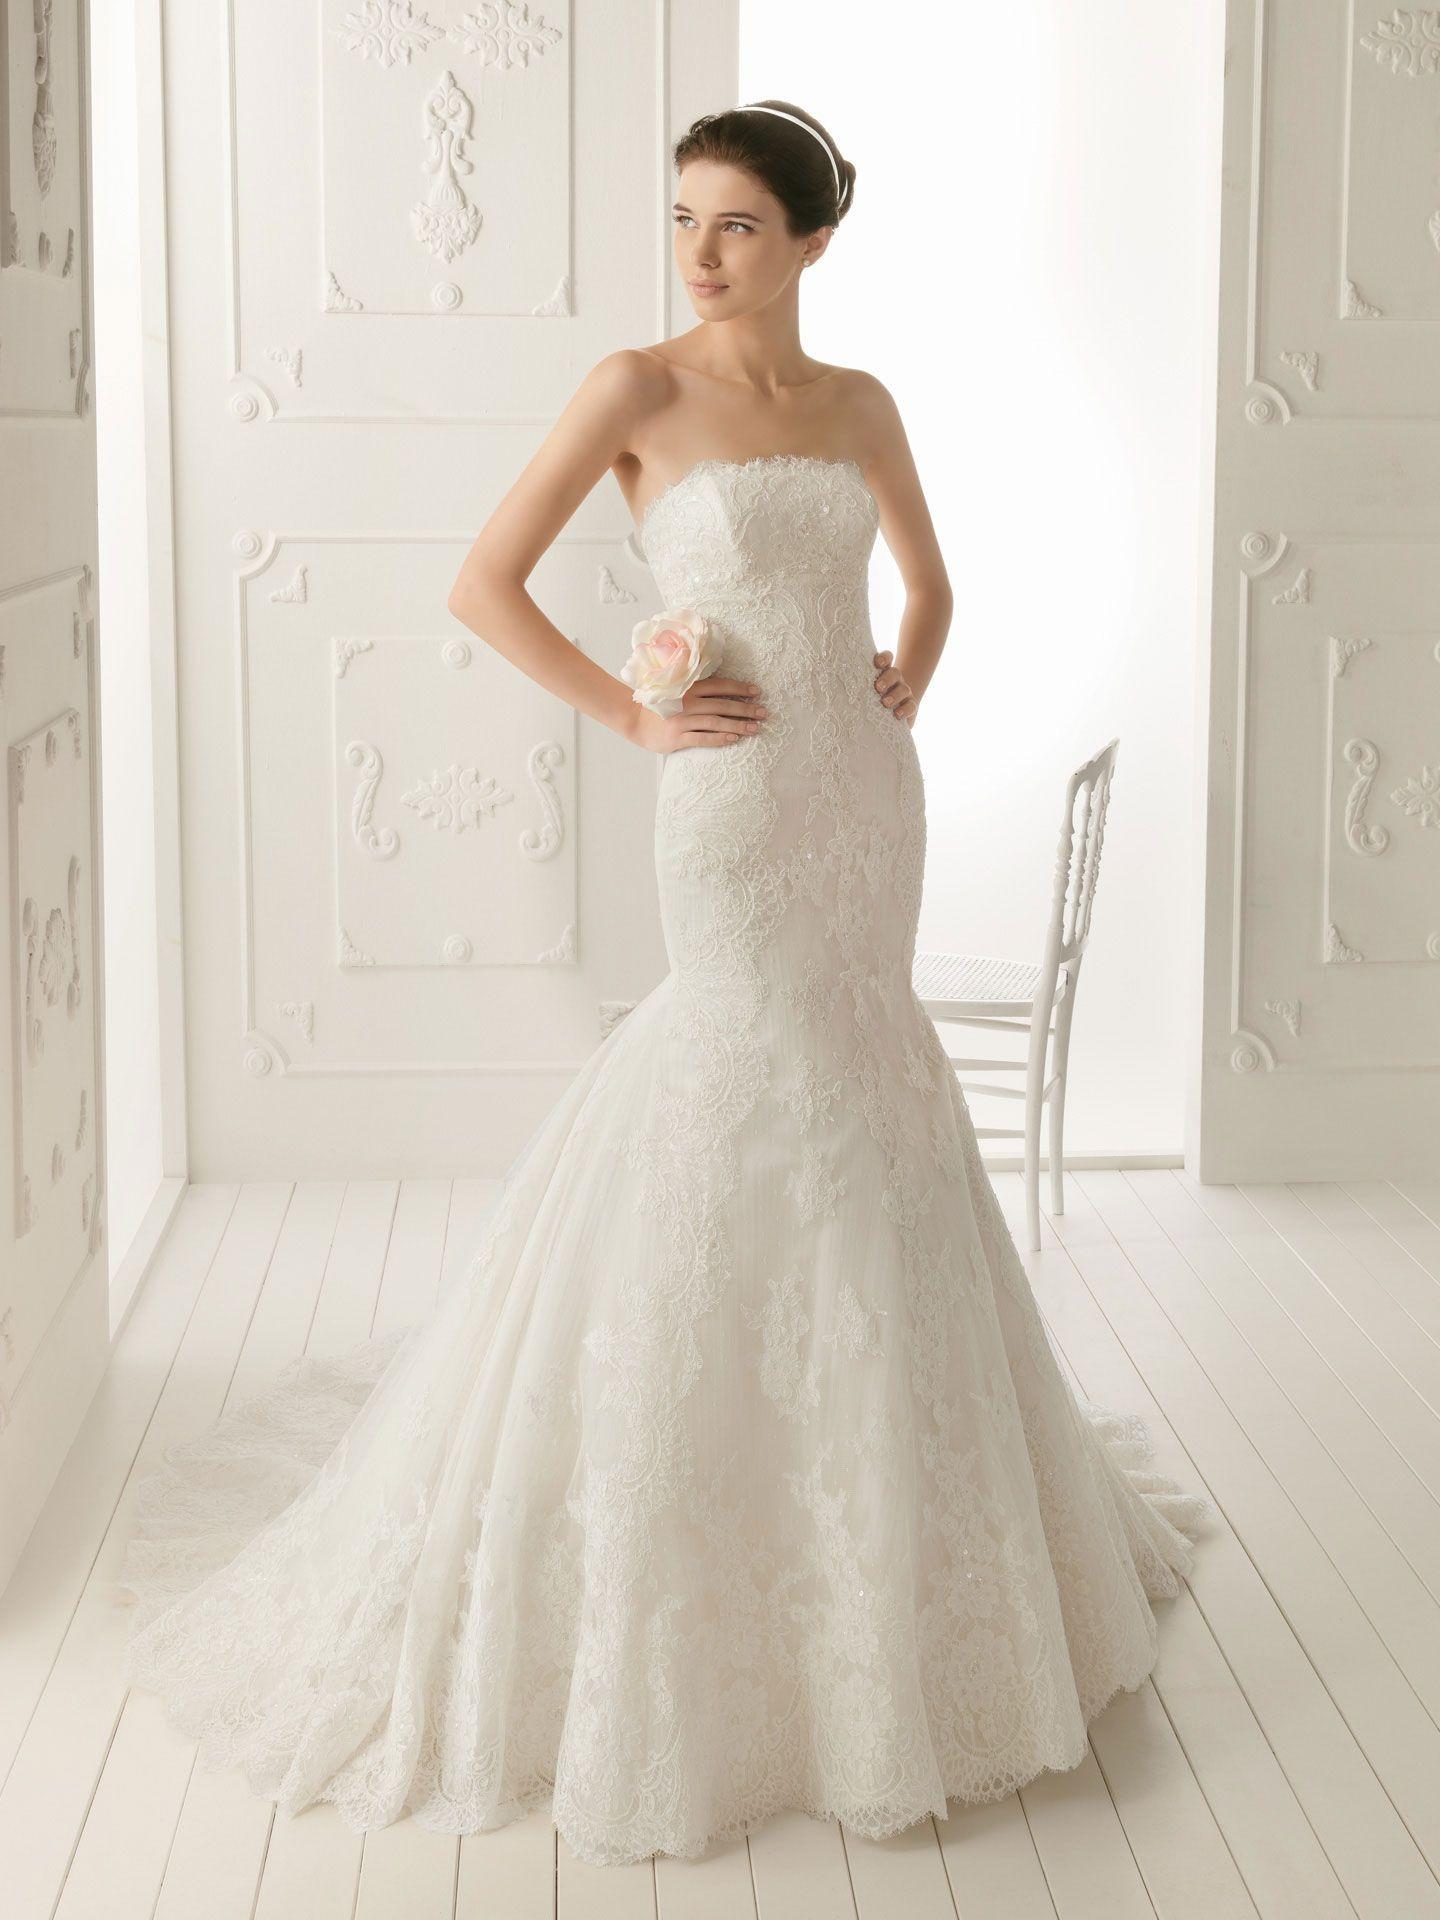 mermaid wedding dresses mermaid style wedding dress Strapless Mermaid Wedding Dress